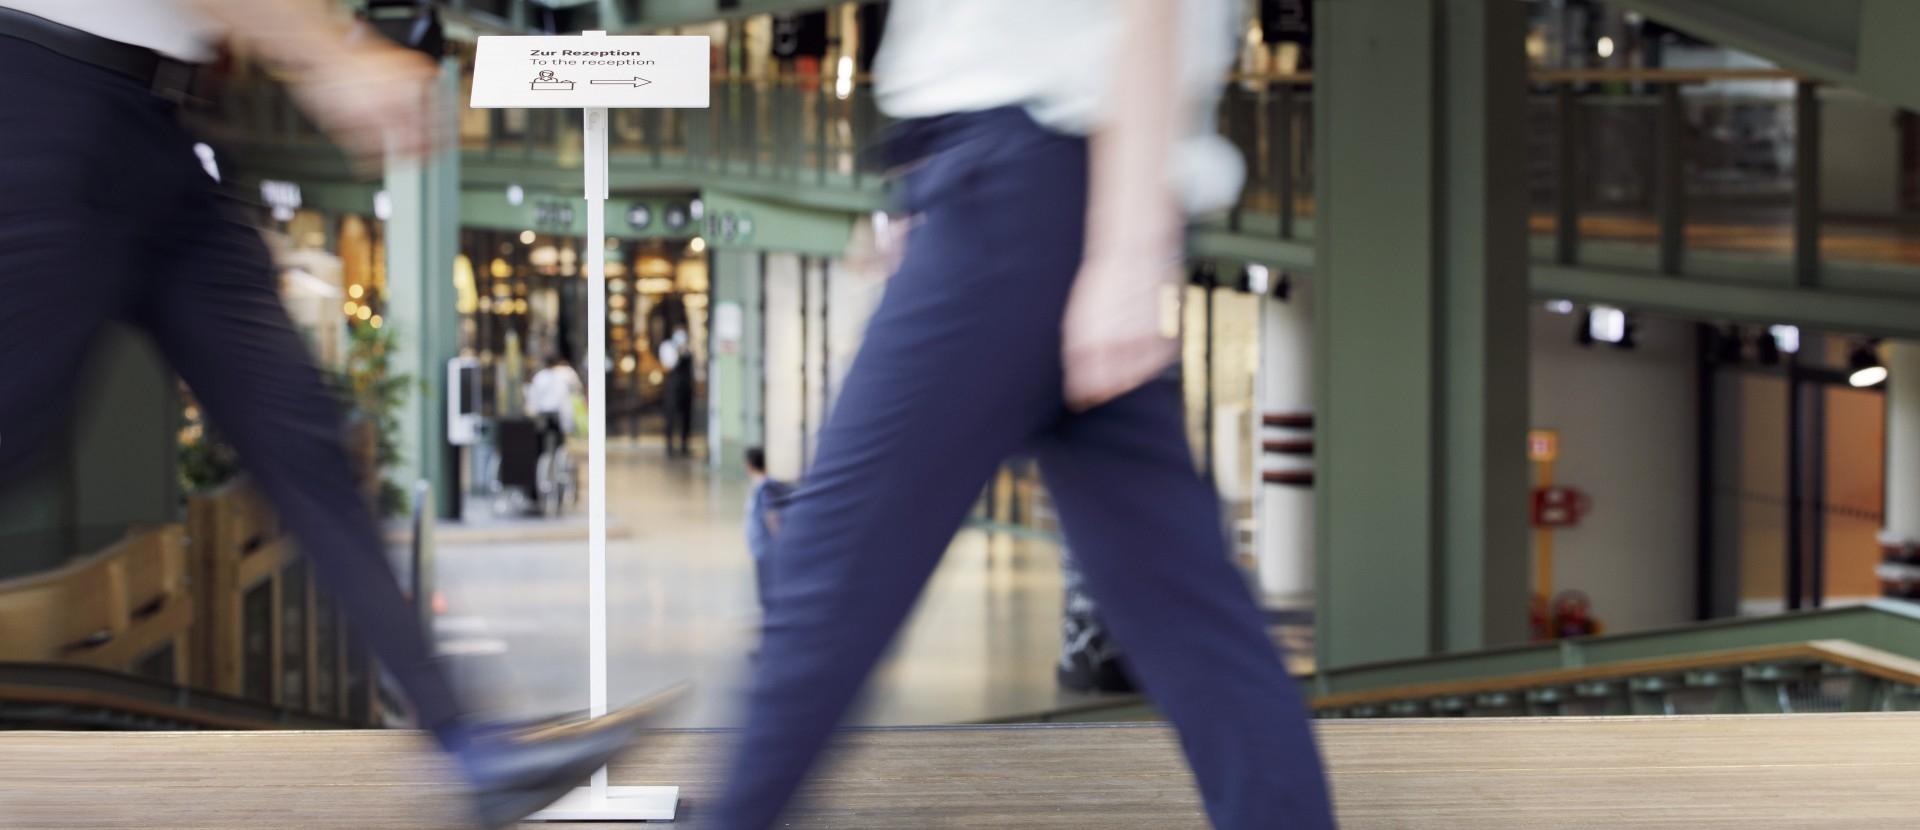 Tensatoren für Shoppingmalls